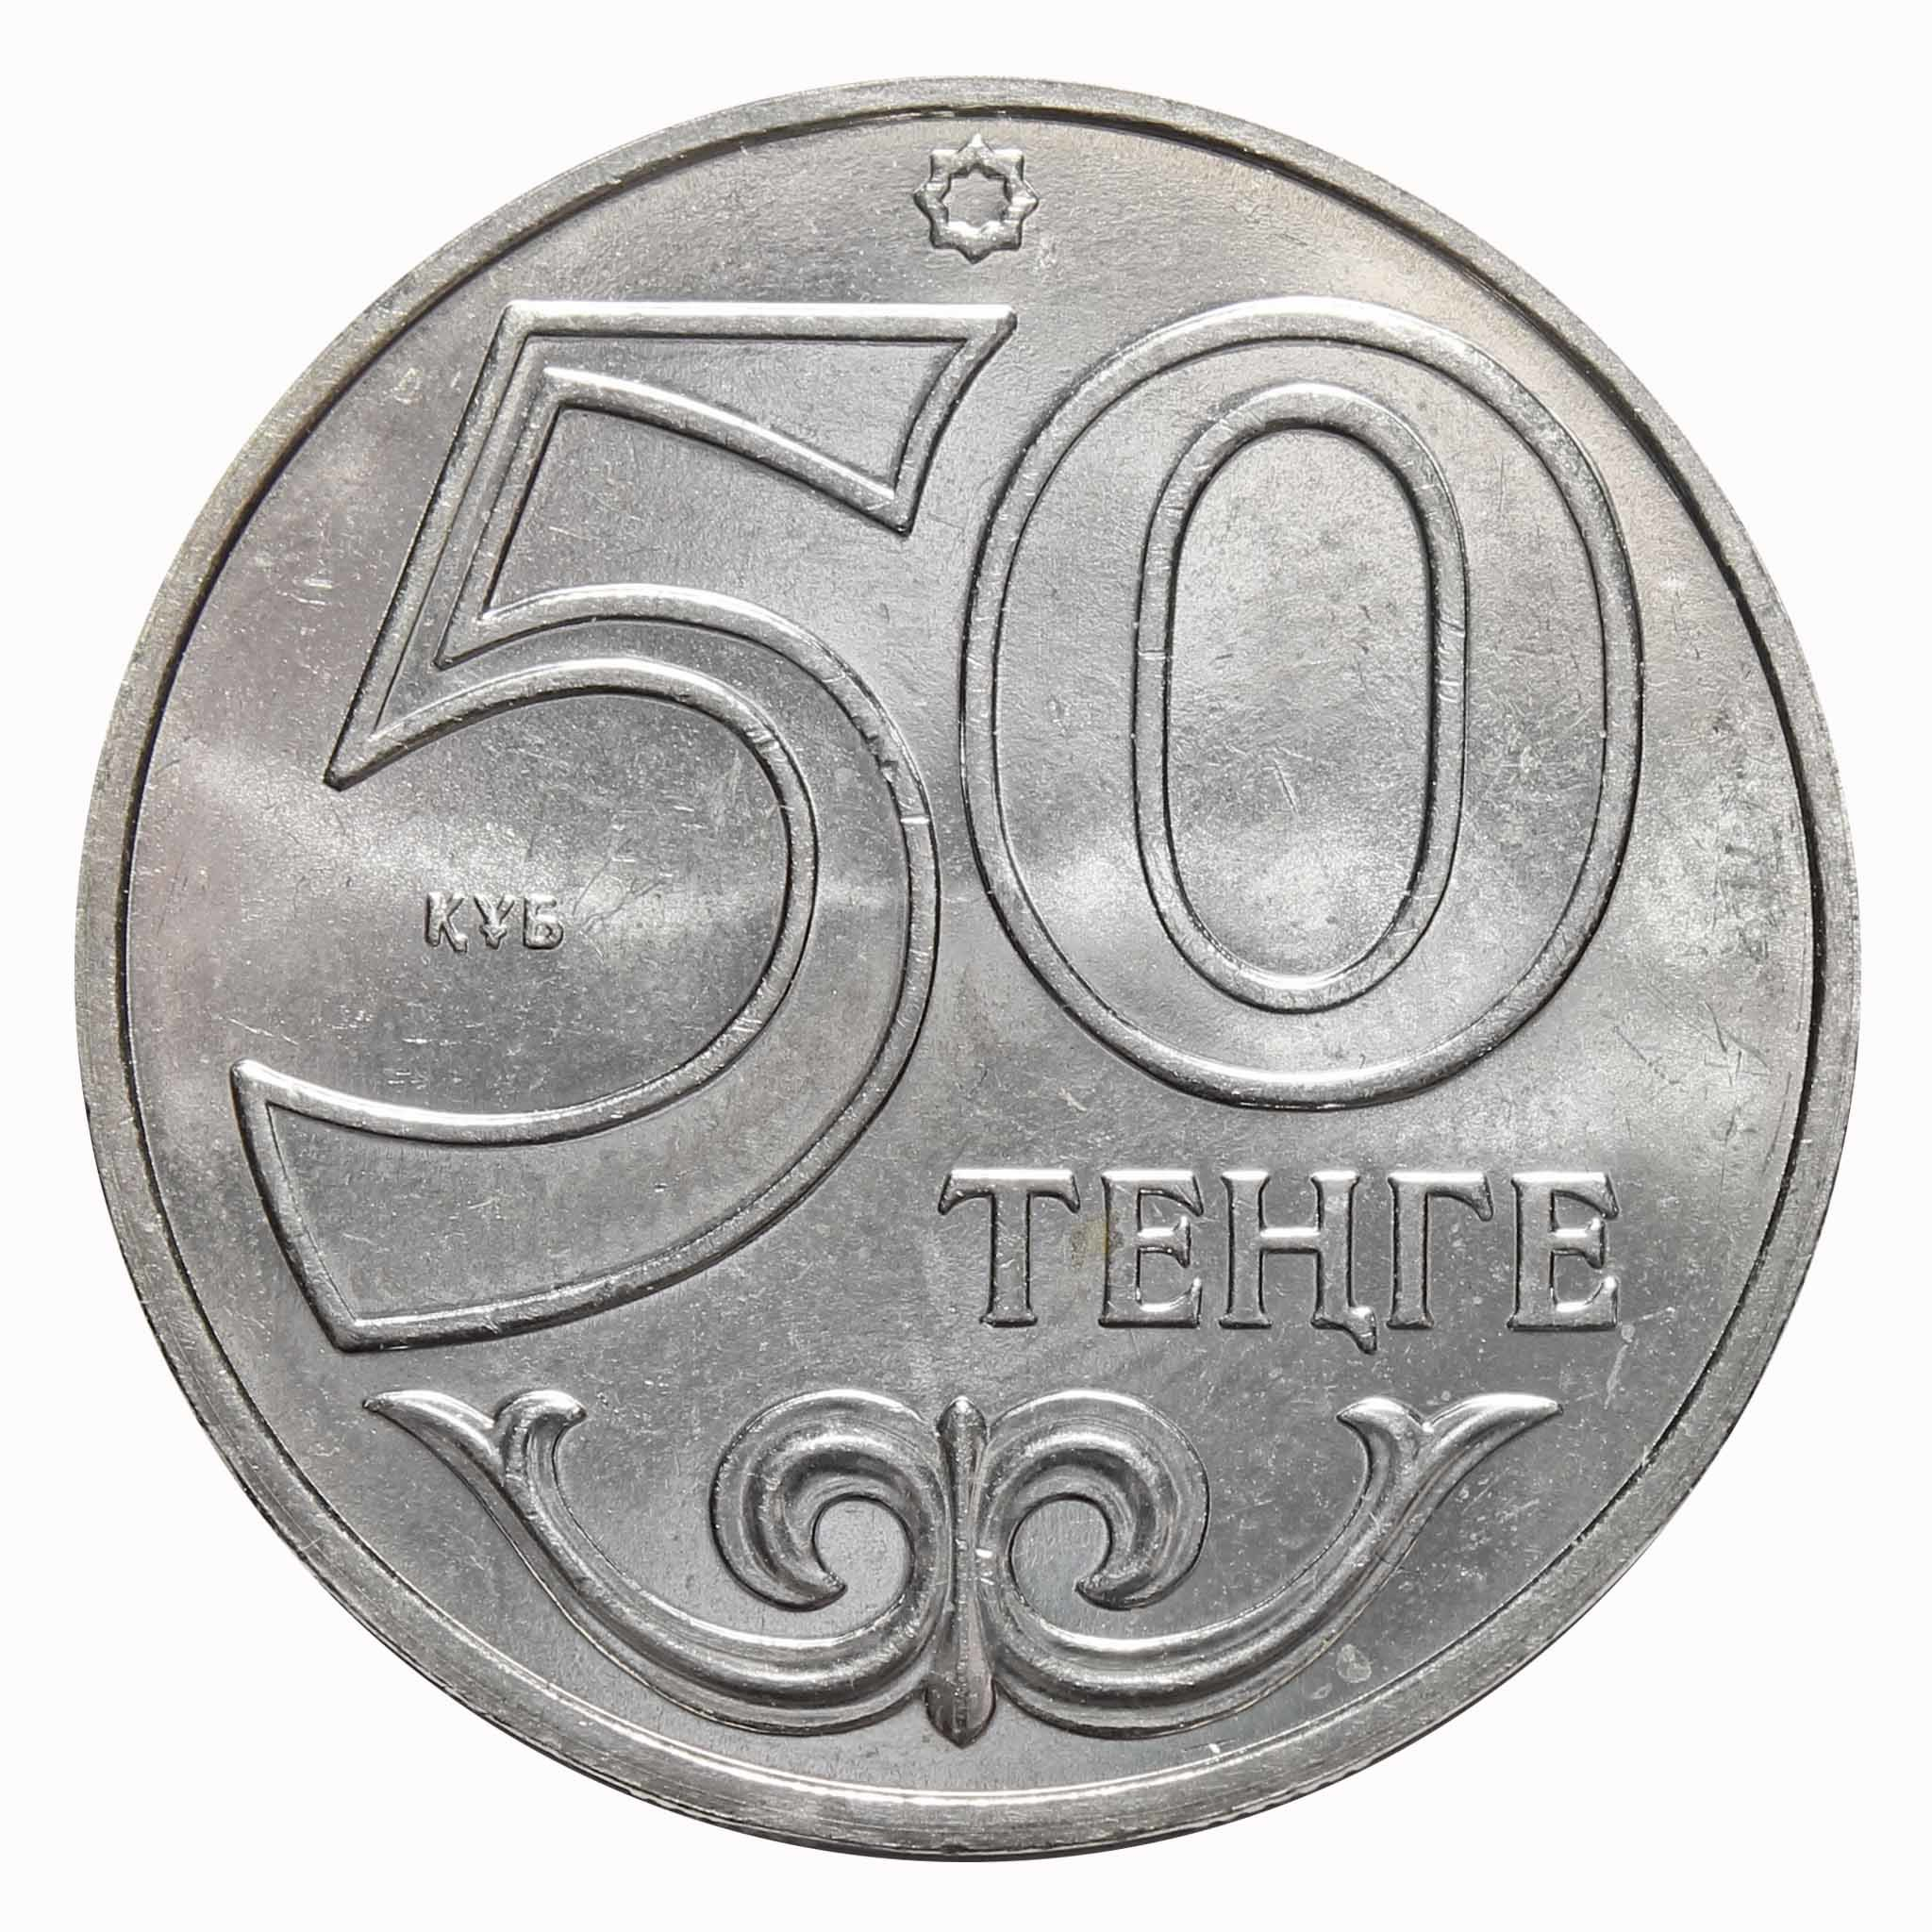 50 тенге. Город Караганда 2011 год